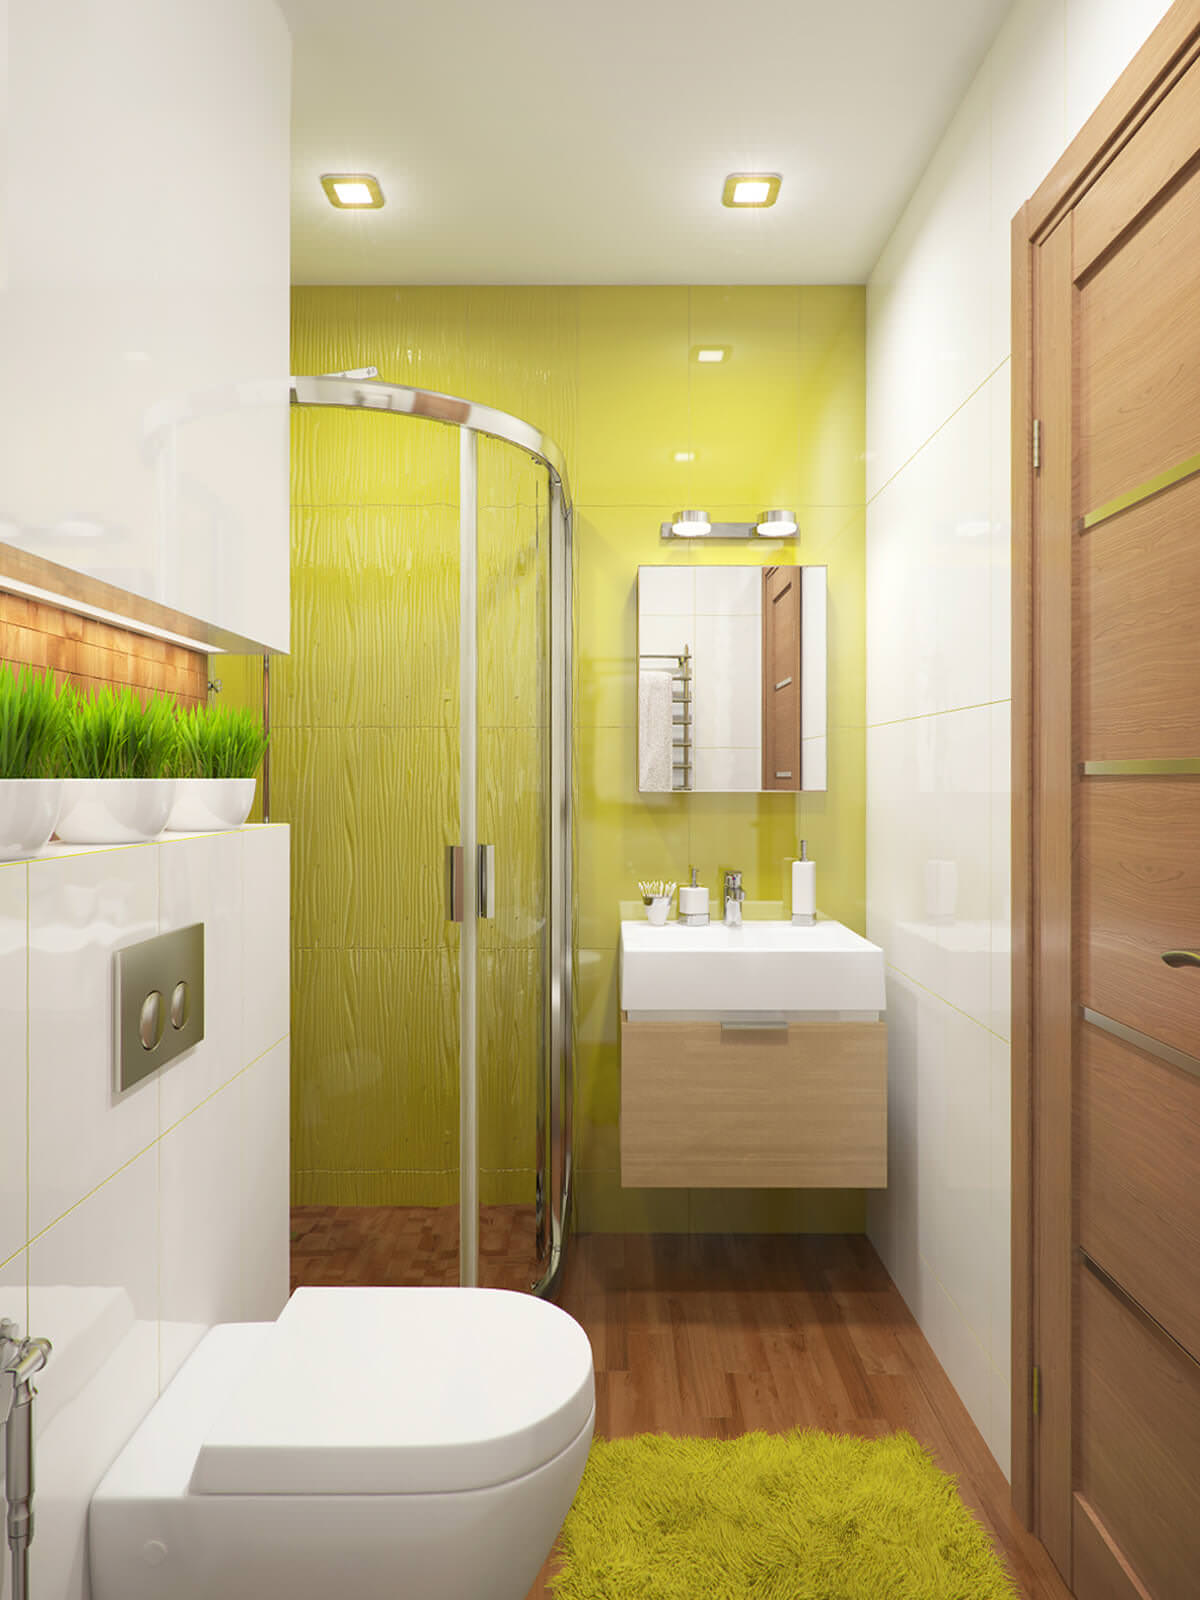 apartament-sas-stilen-interior-v-tsitrusovi-tsvetove-918g